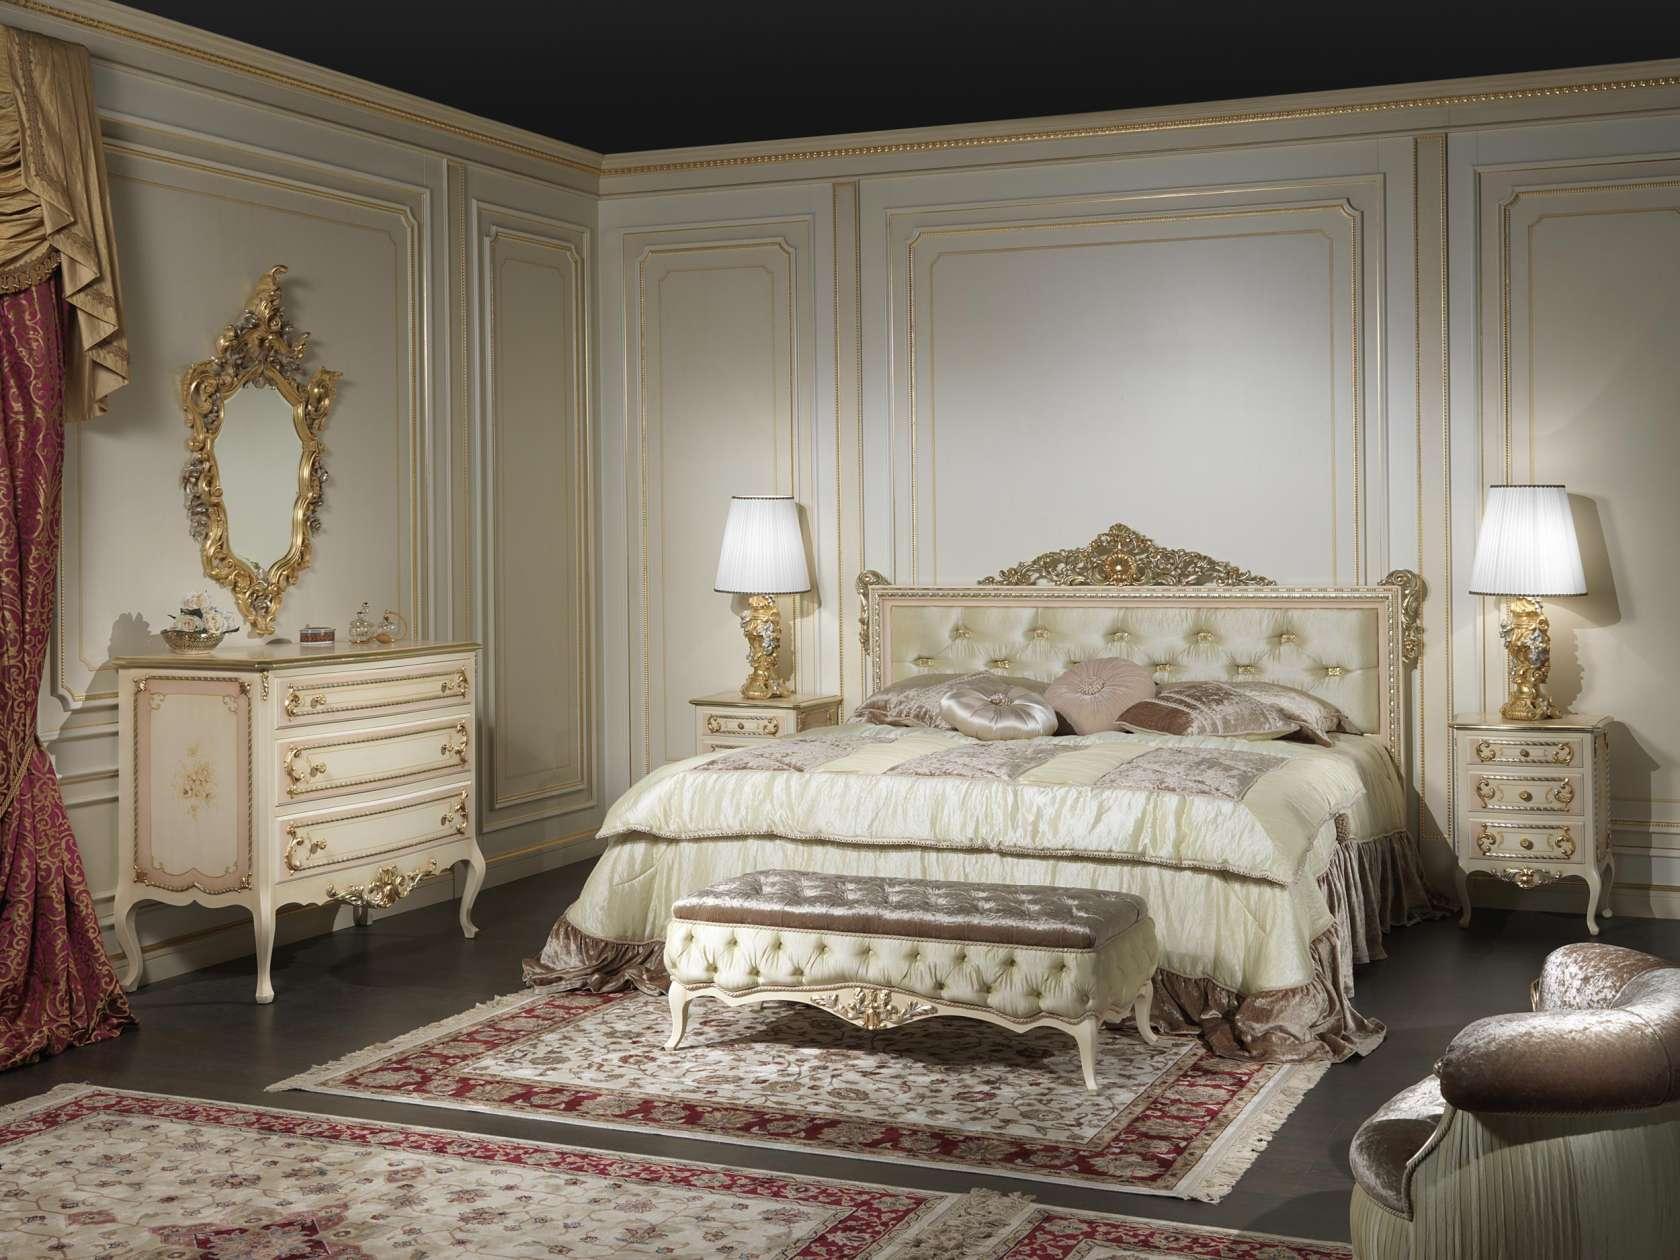 Camera stile classico francese louvre 943 vimercati meda - Camera da letto stile classico ...